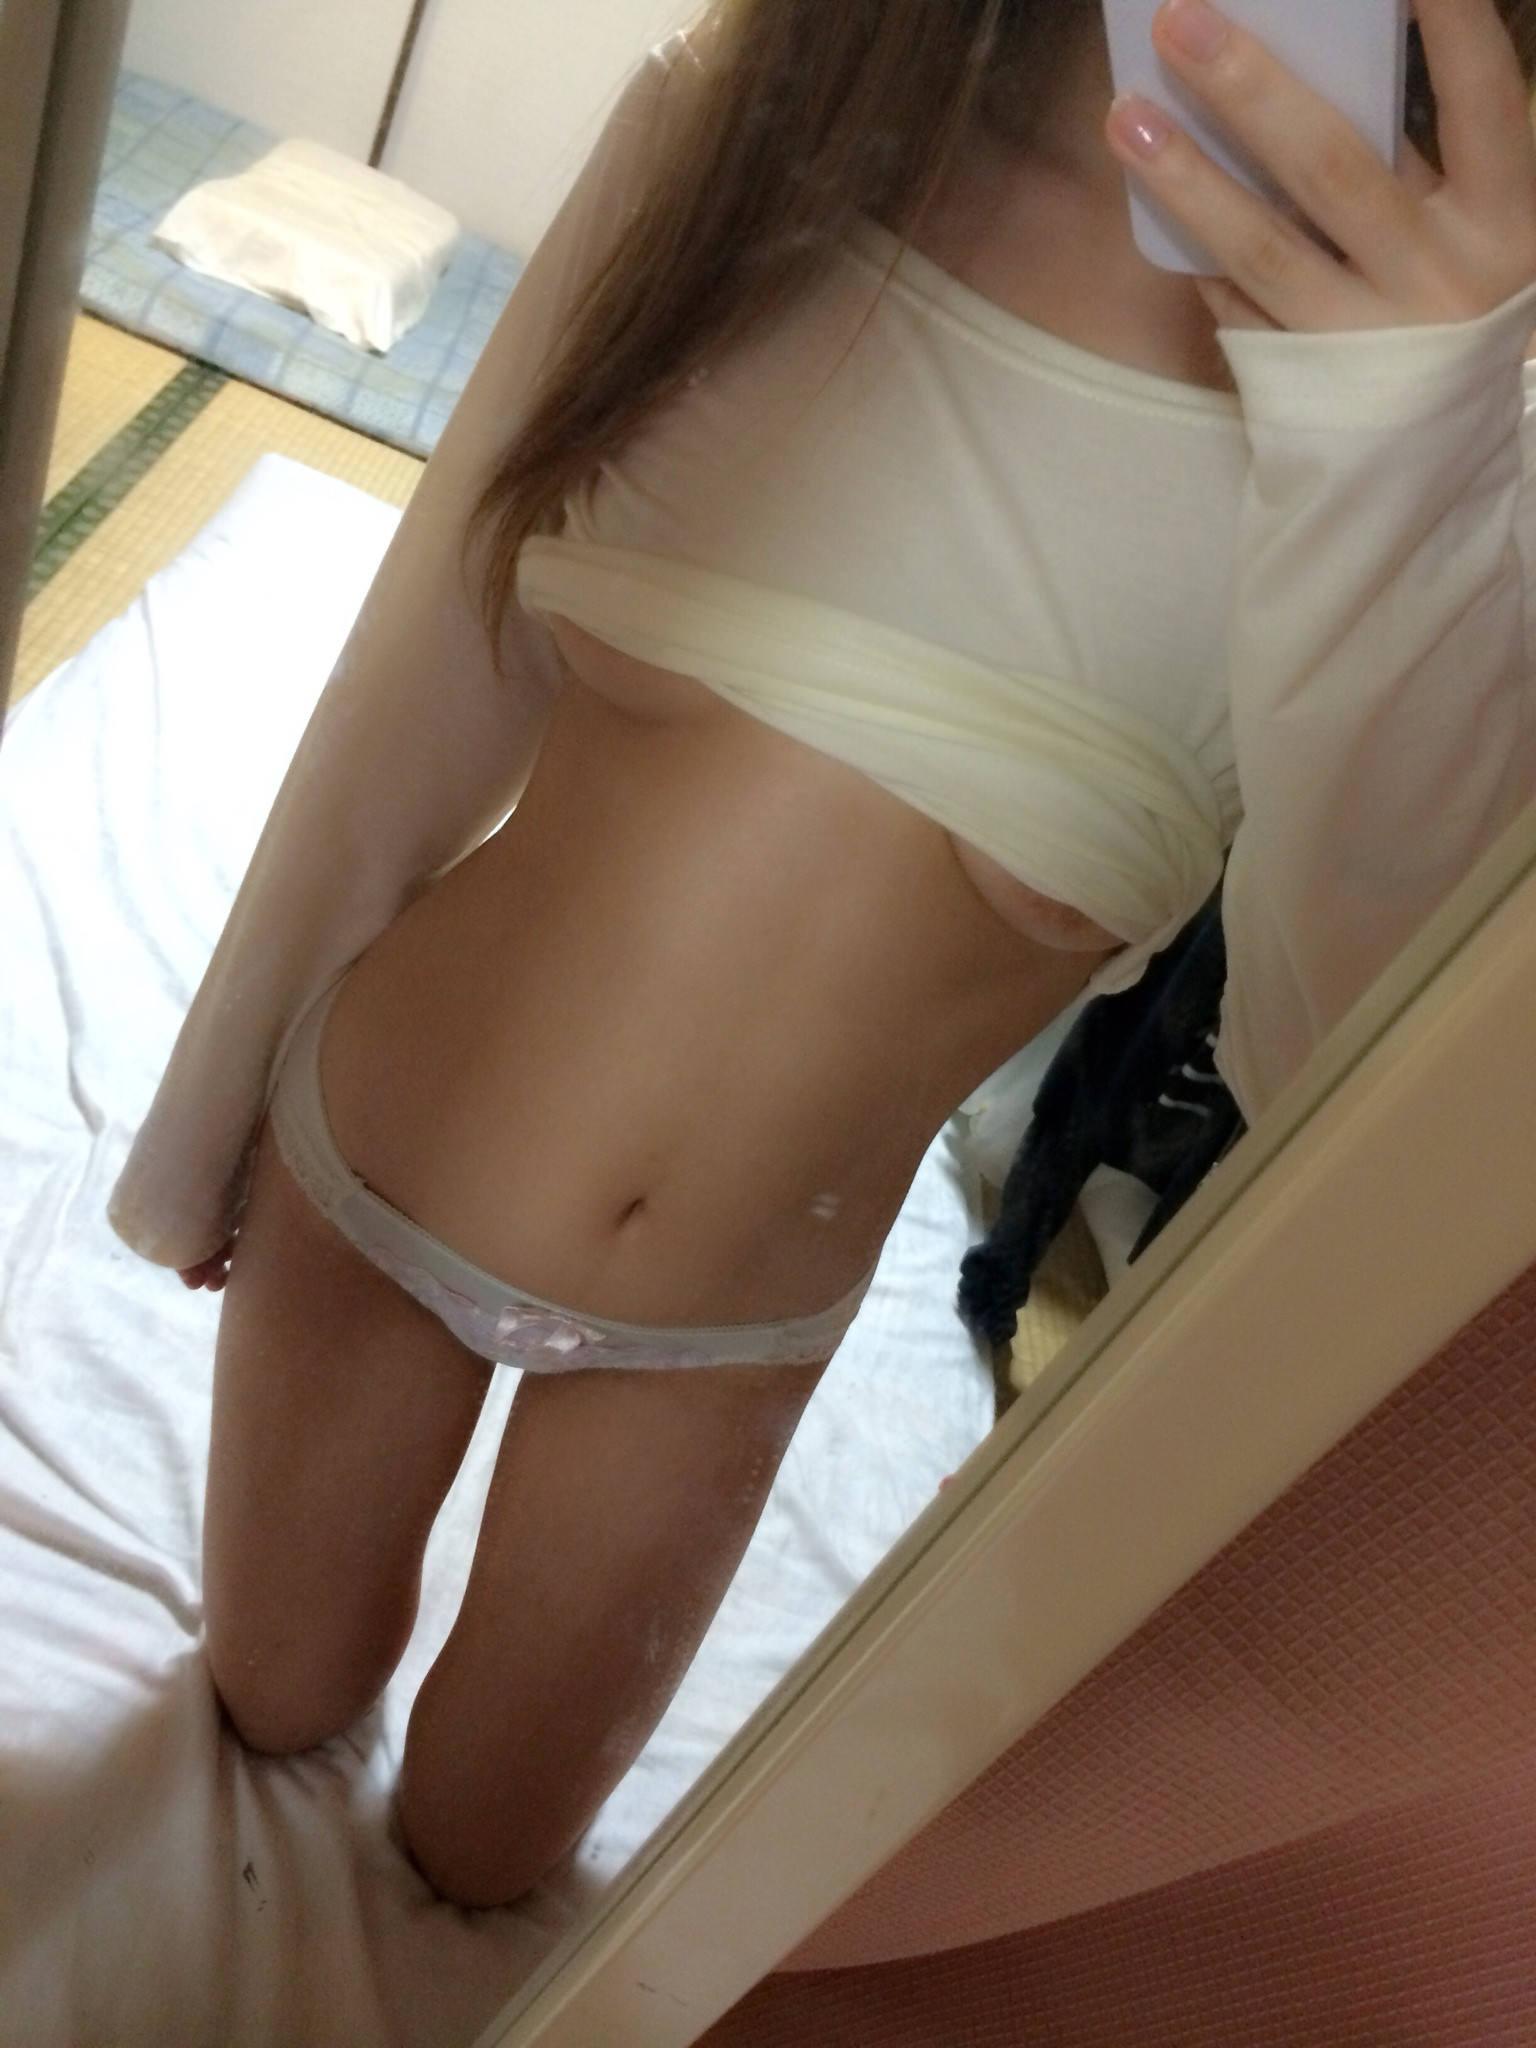 若い娘が下着姿やオマンコ自撮りしてネットに投稿してるぞぉーwwwwwwwwwwww 2746